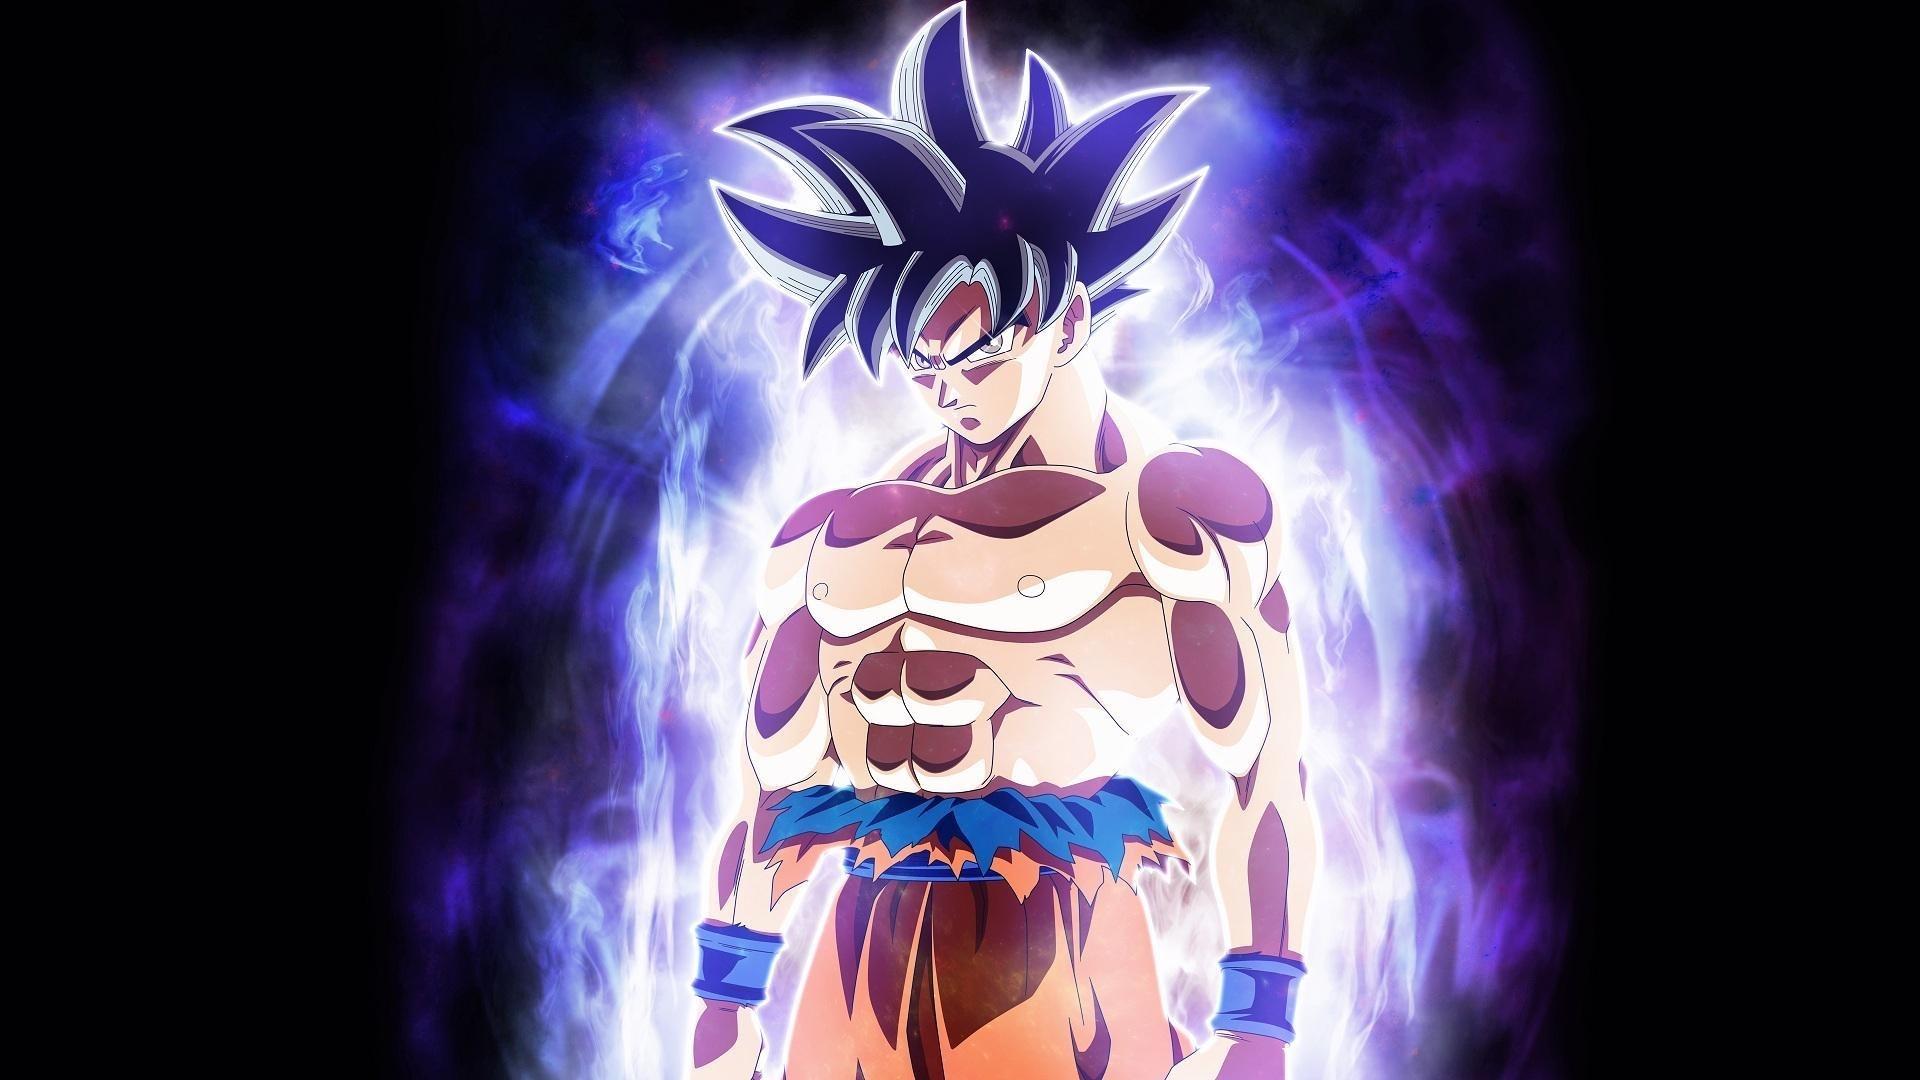 Goku Ultra Instinct best wallpaper